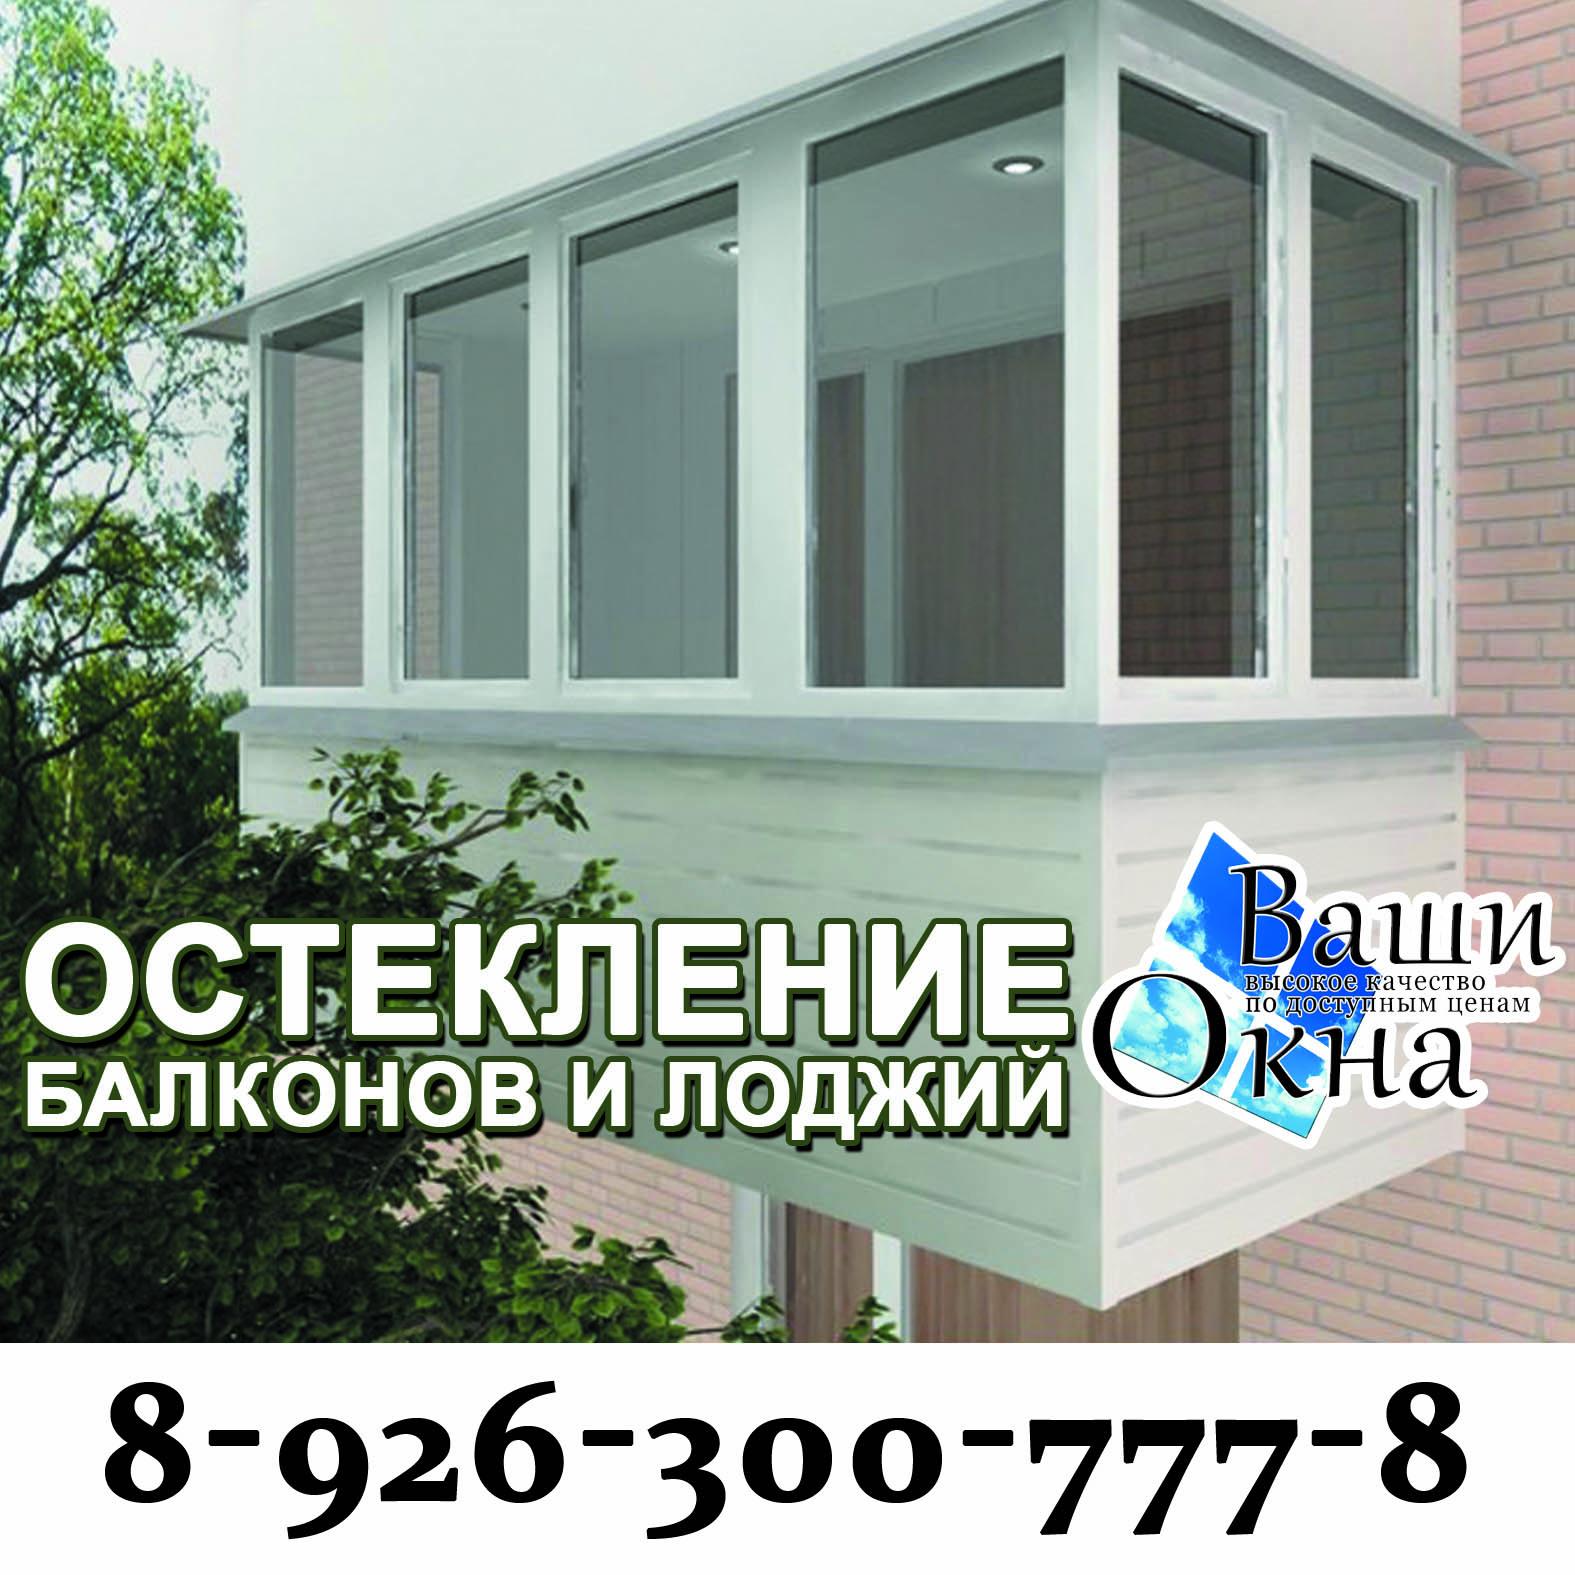 Остекление, утепление балконов и лоджий за один день, москов.